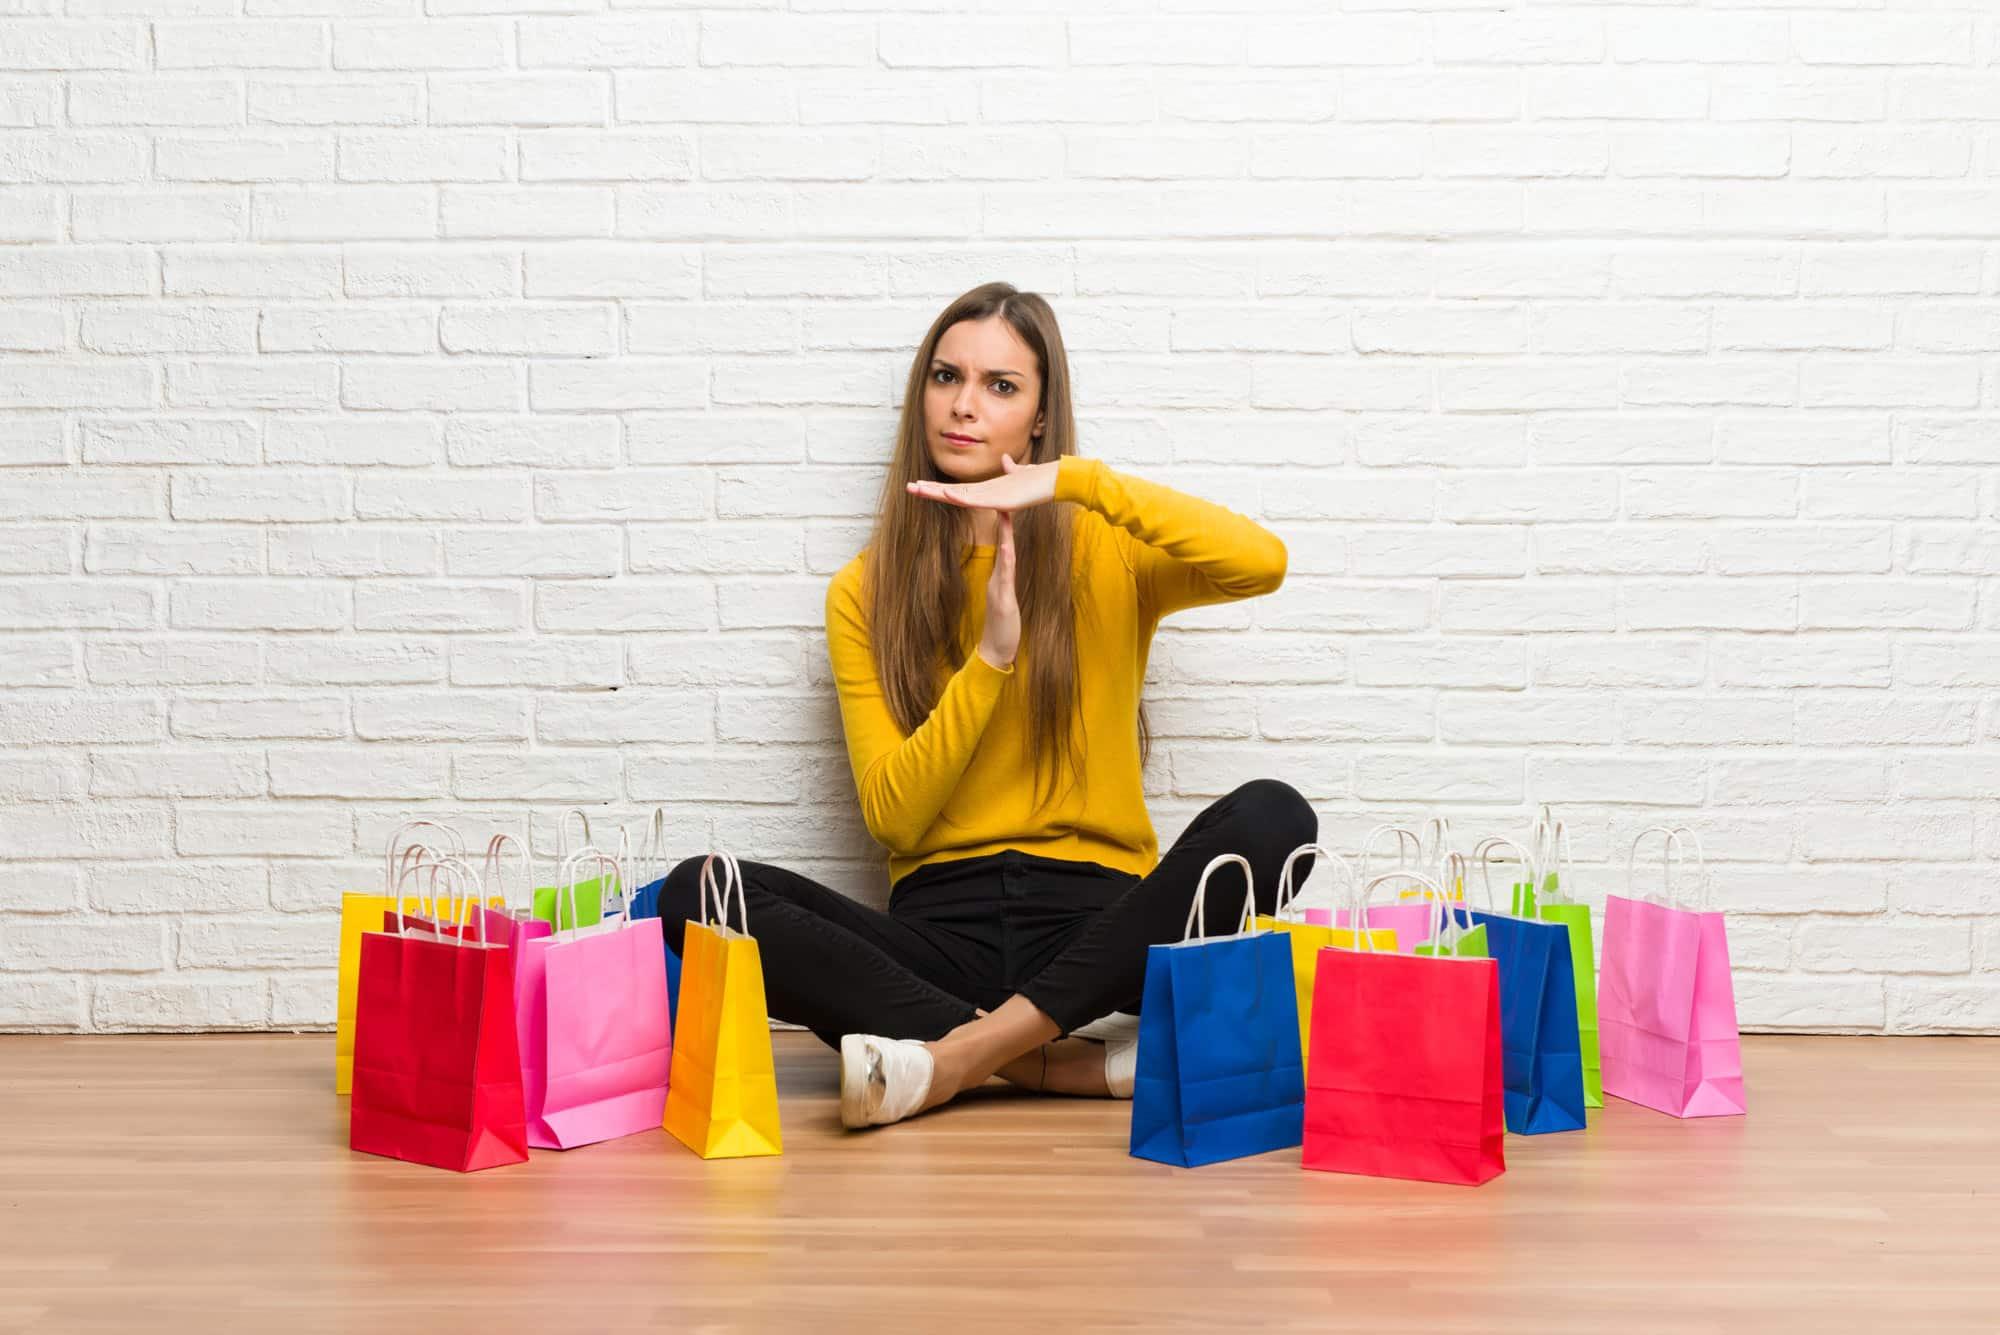 Eine Frau sitzt mit vielen Shopping Taschen um sich herum und zeigt mit der Hand ein Stopp Zeichen.